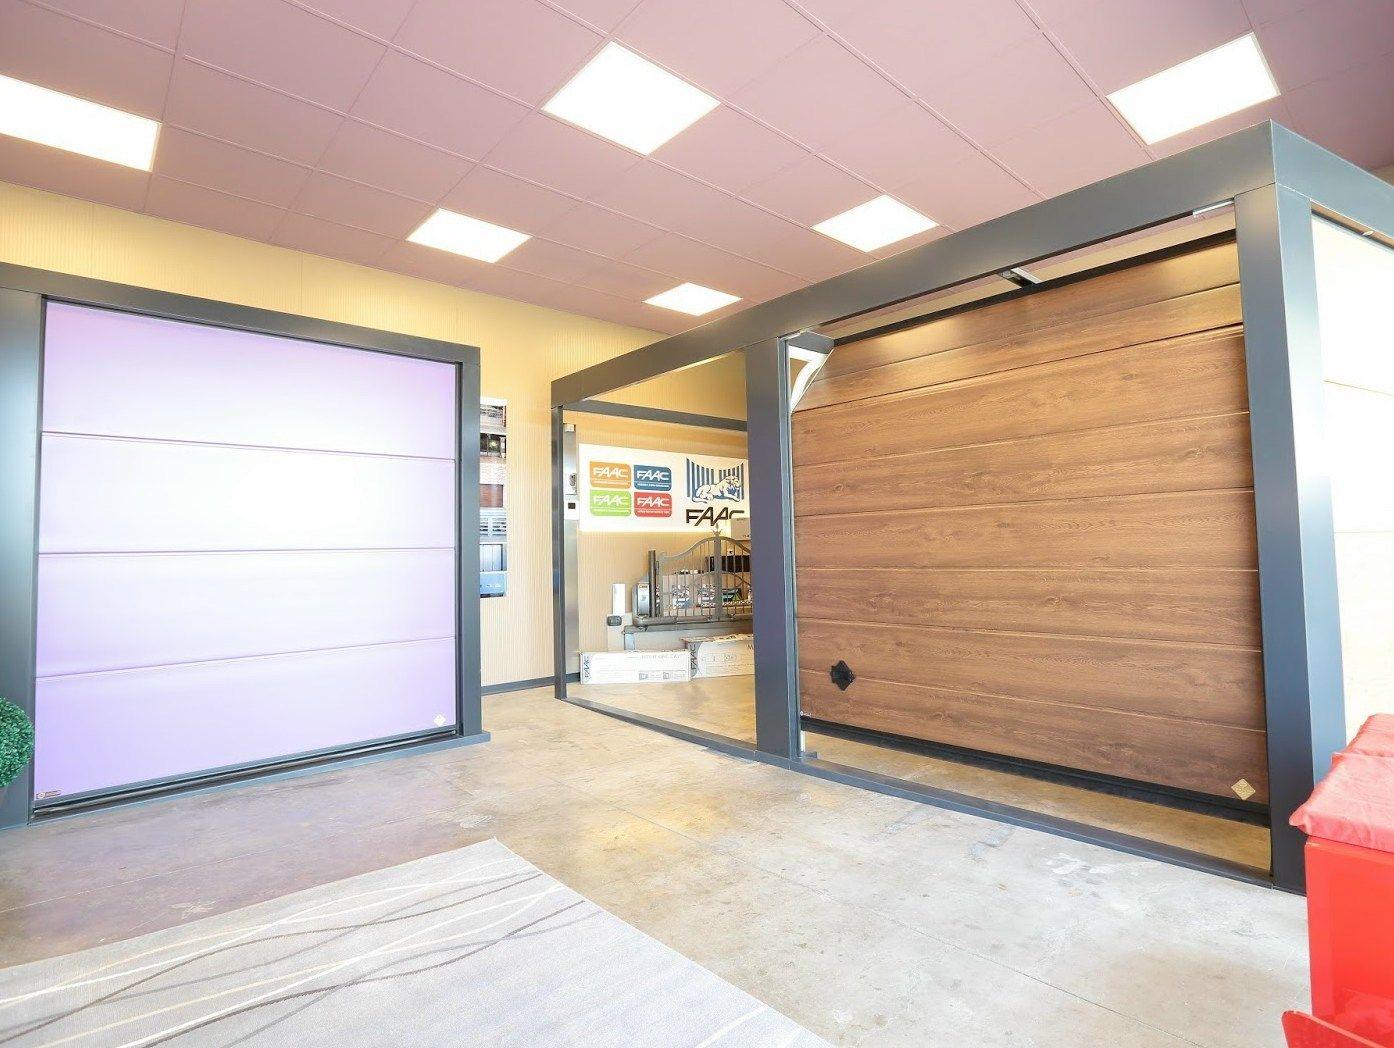 Apre a Torrita di Siena un nuovo Showroom per i portoni Breda